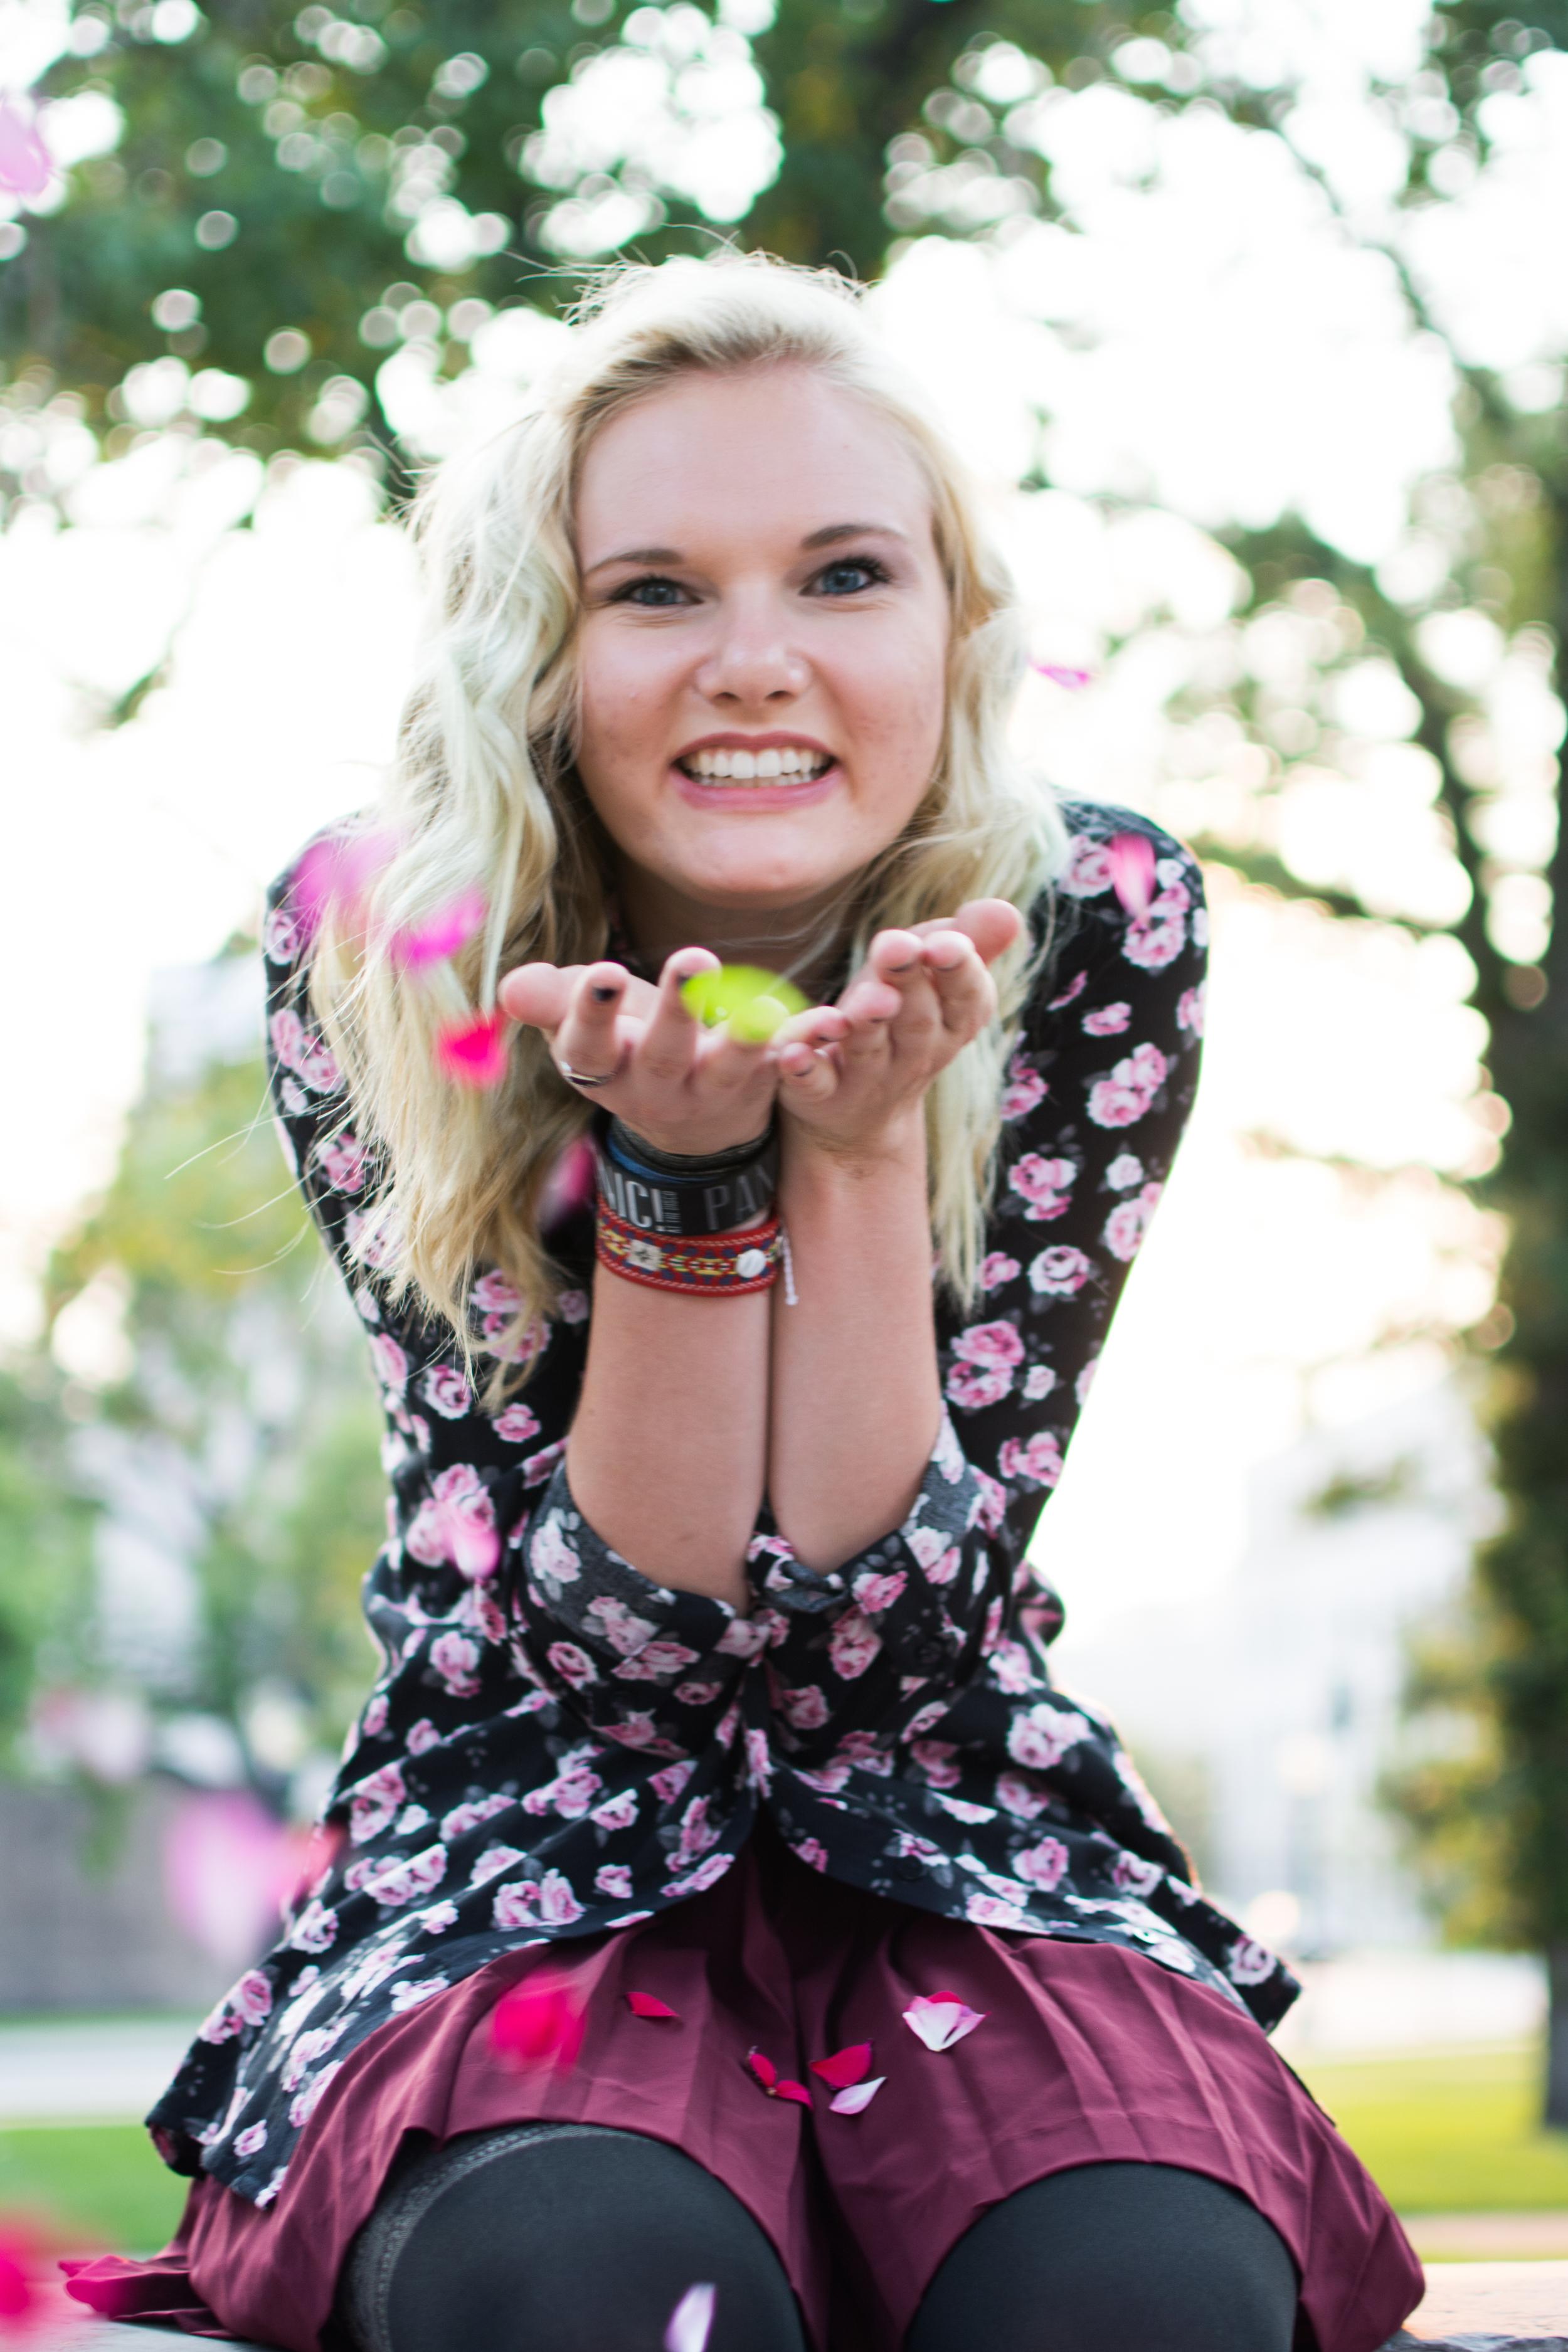 IsabellaParkerbyJordanAltergott-36.jpg